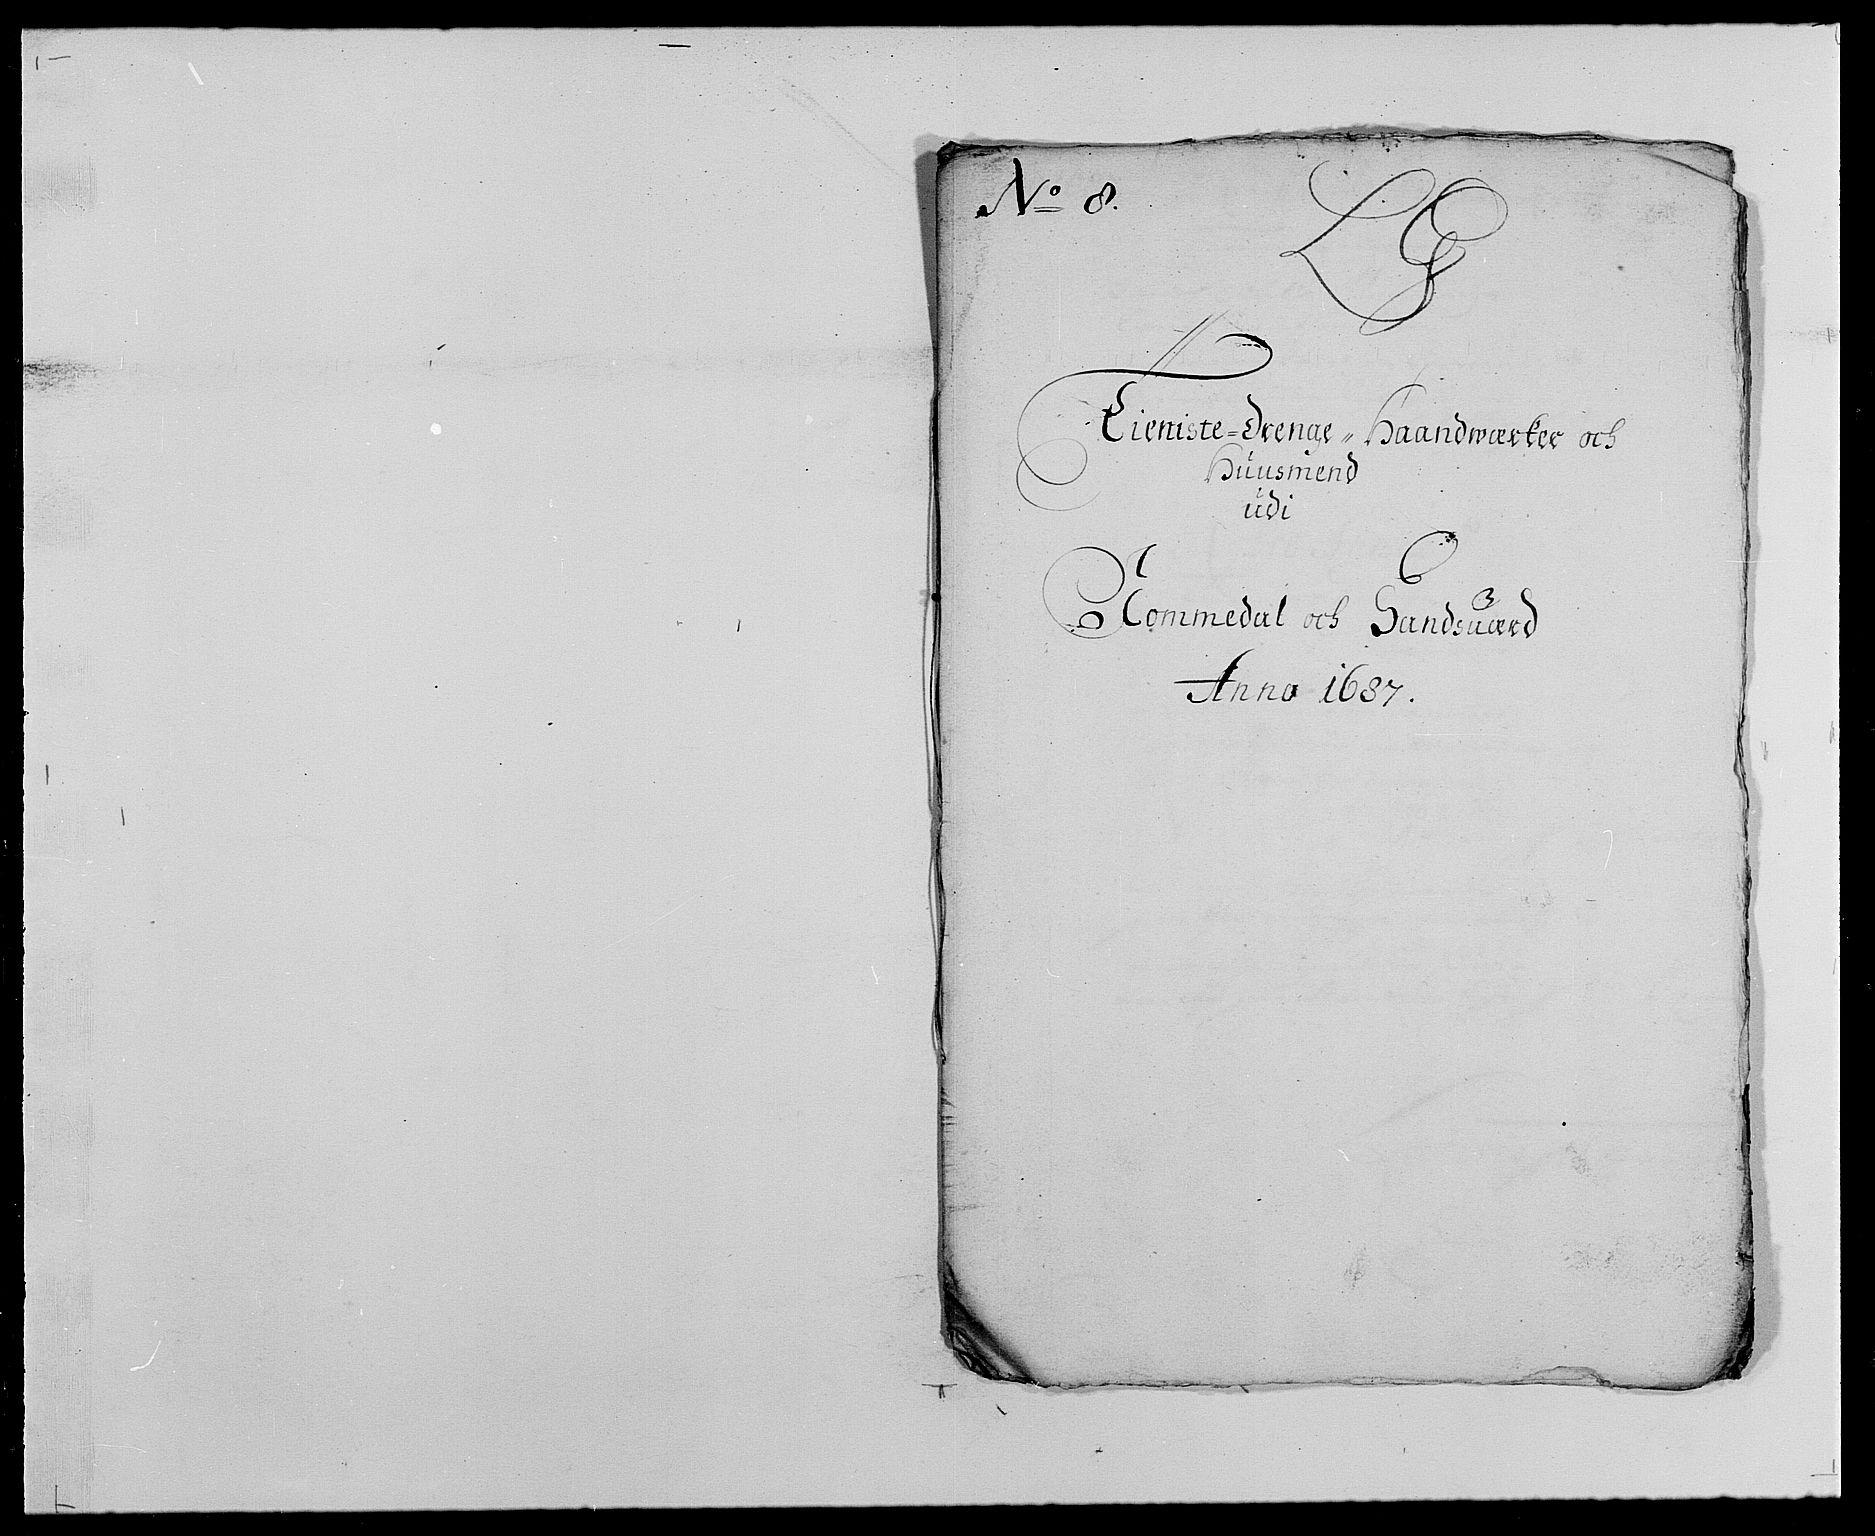 RA, Rentekammeret inntil 1814, Reviderte regnskaper, Fogderegnskap, R24/L1573: Fogderegnskap Numedal og Sandsvær, 1687-1691, s. 172